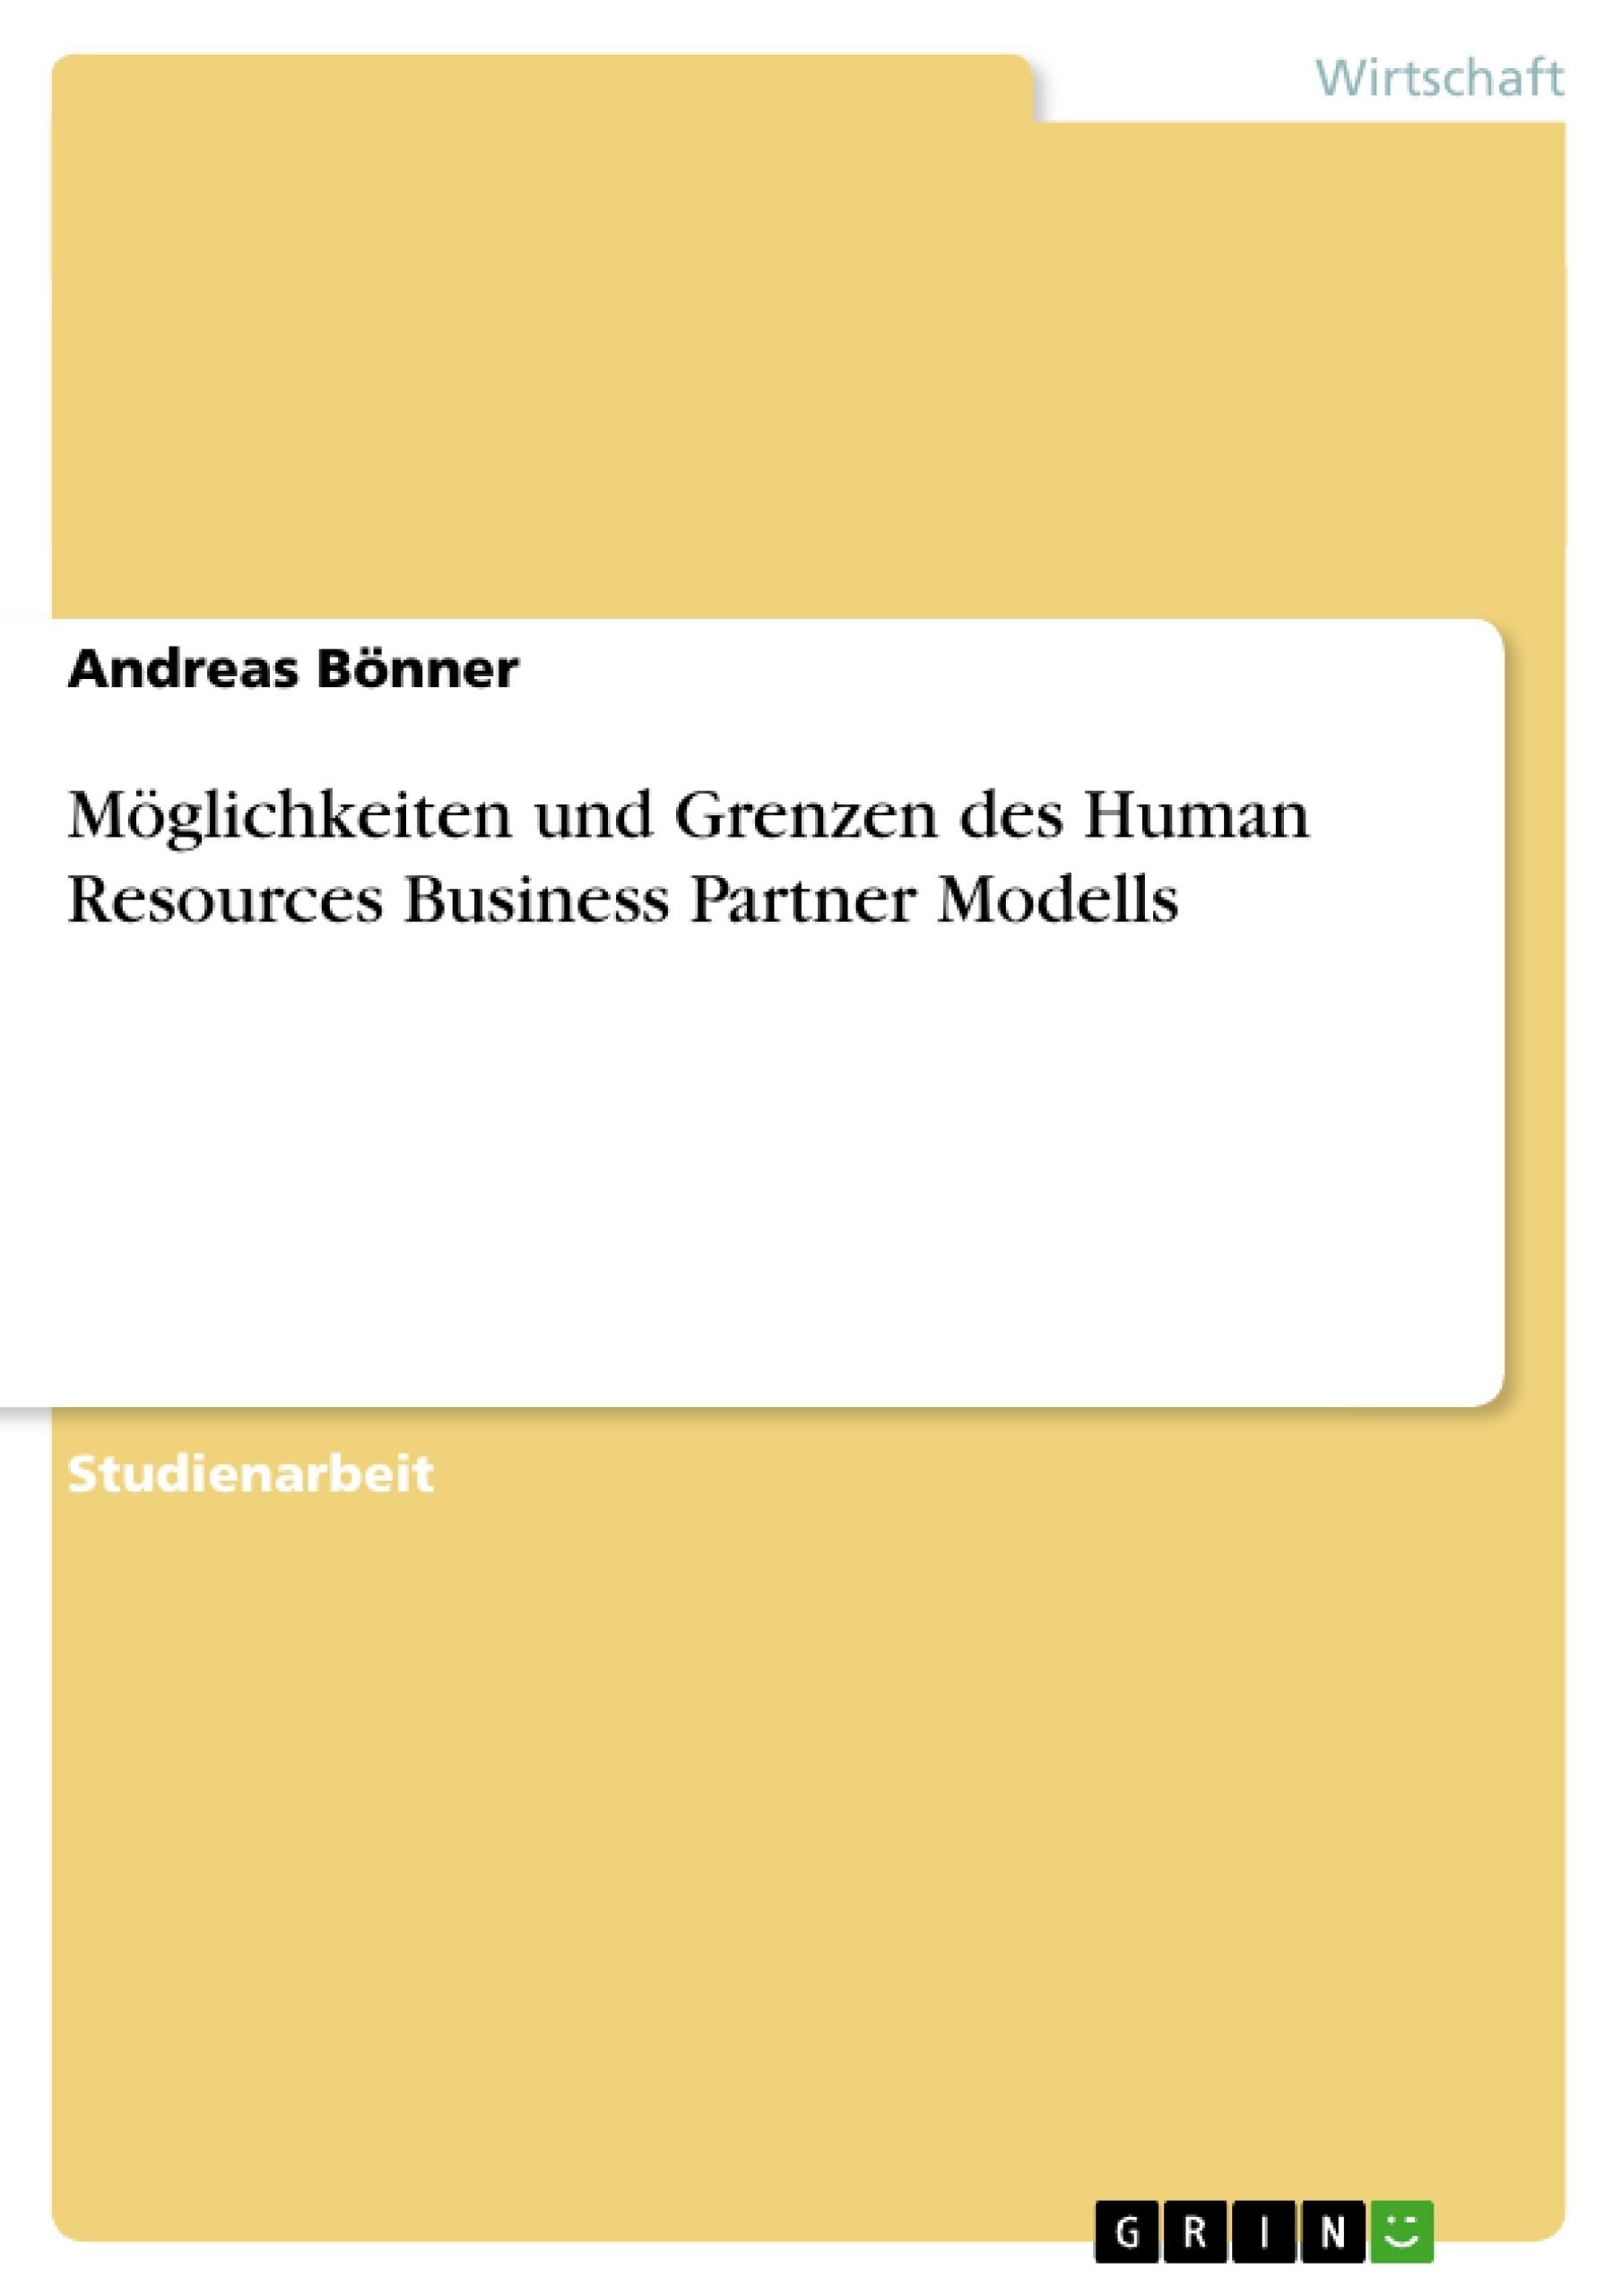 Titel: Möglichkeiten und Grenzen des Human Resources Business Partner Modells